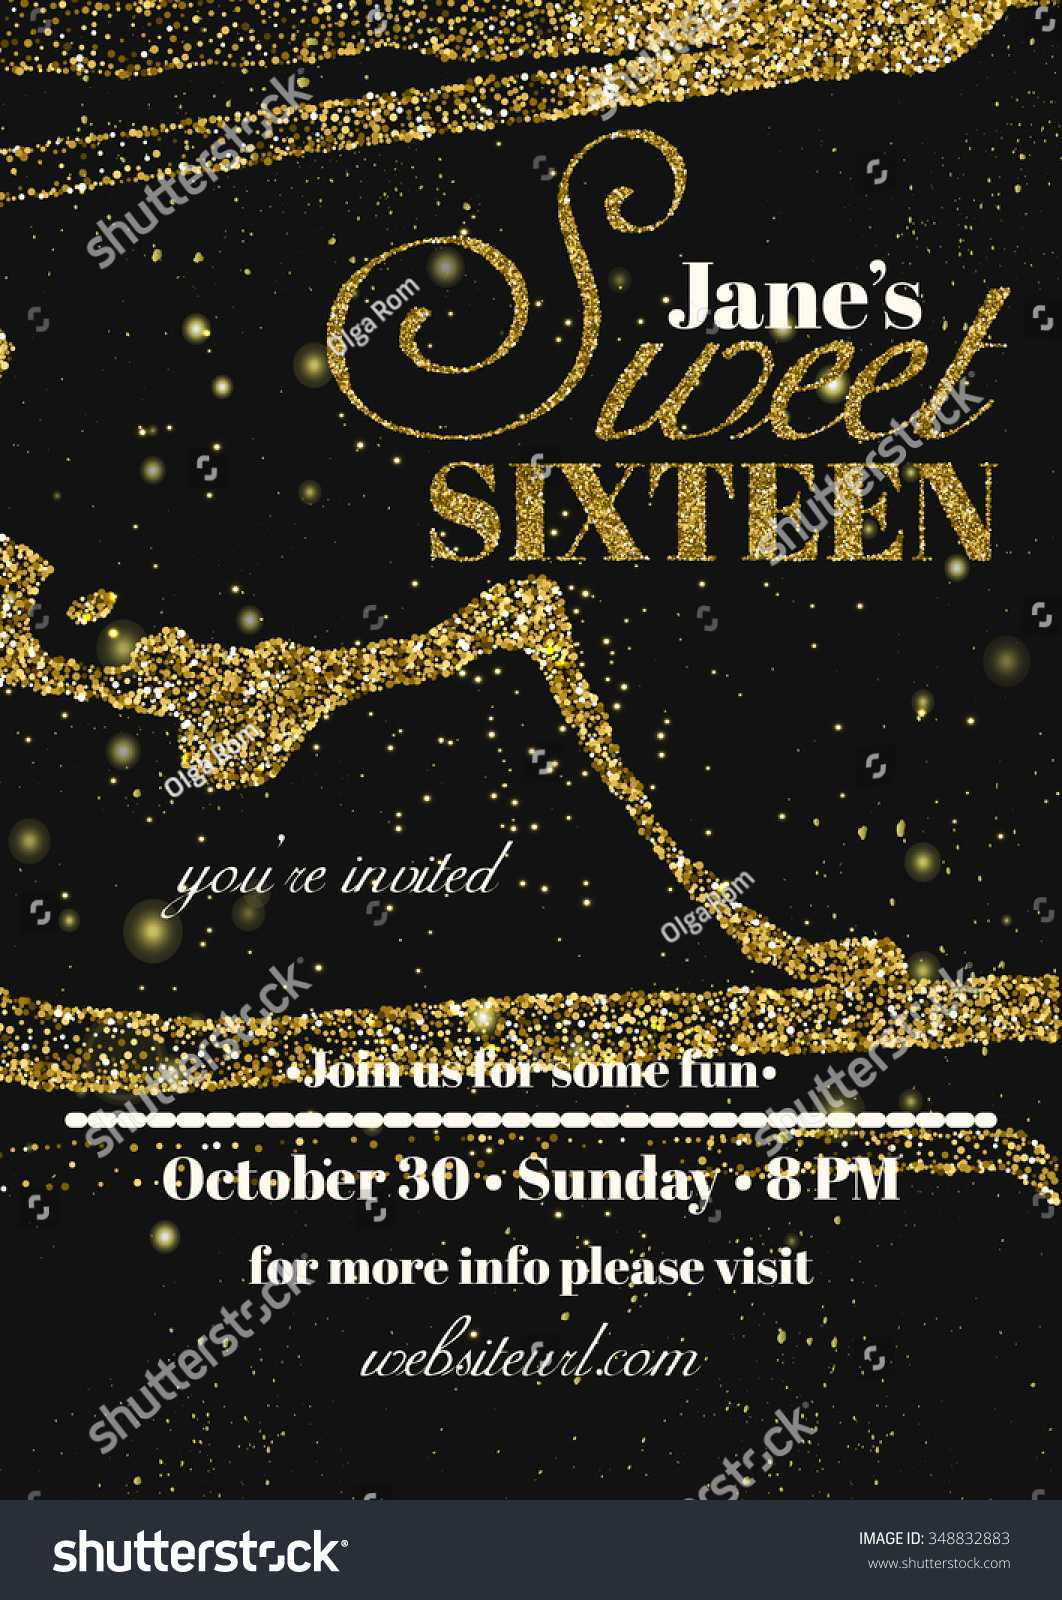 Стоковая Векторная Графика «Sweet Sixteen Glitter Party For Sweet 16 Banner Template